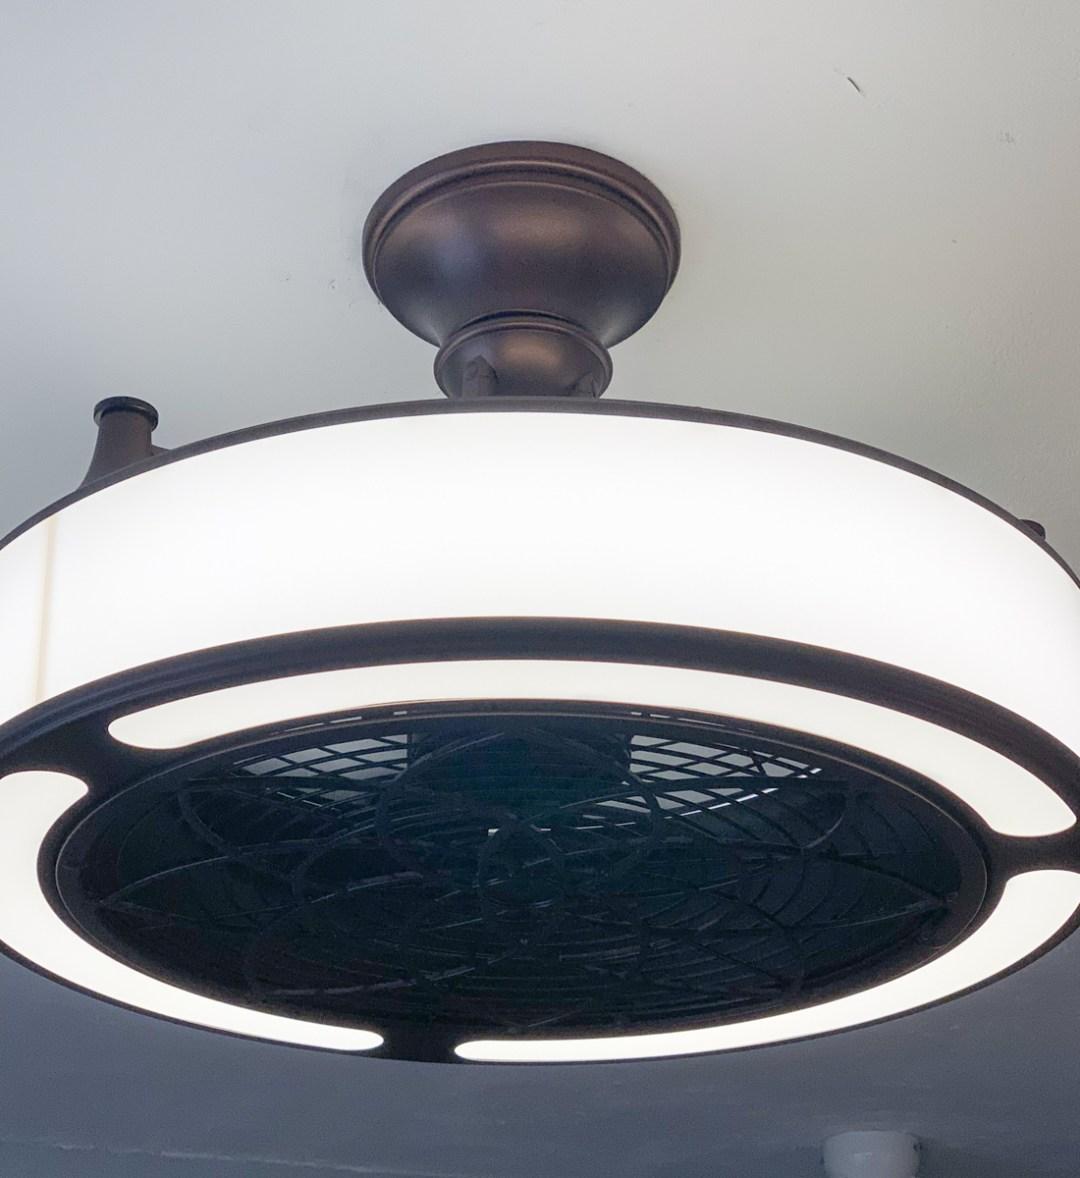 Stile Ceiling Fan